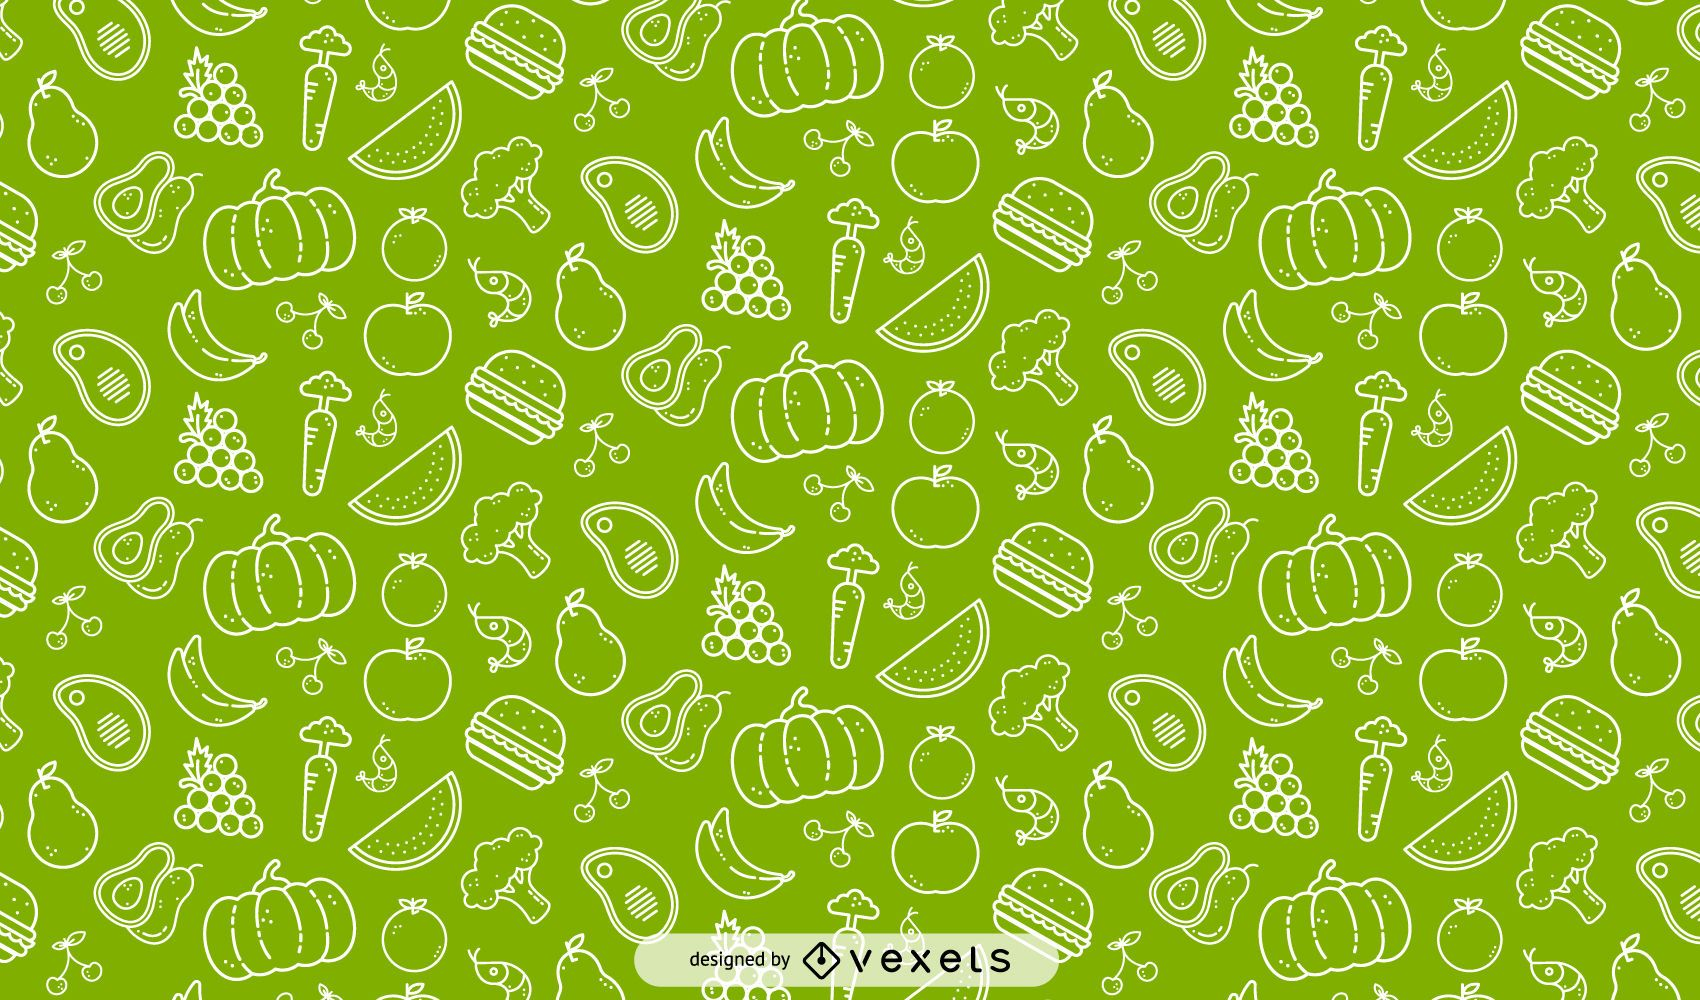 Patrón sin fisuras de frutas y verduras